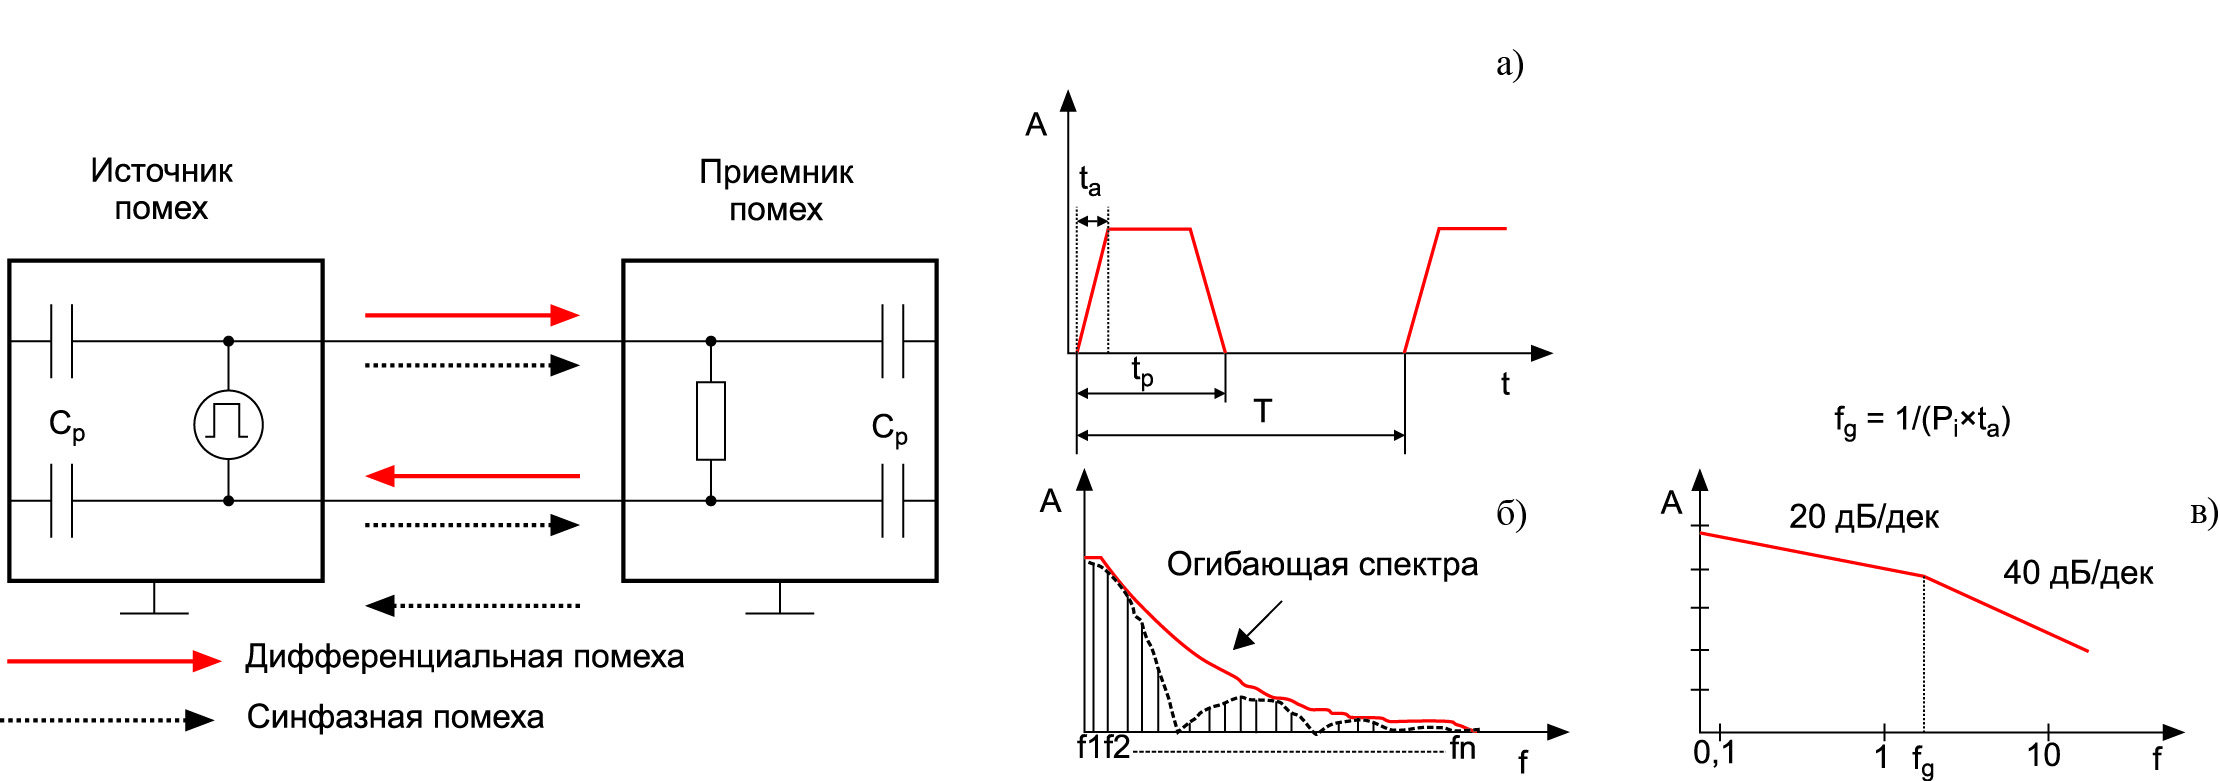 Эквивалентная схема и спектральный анализ периодического импульсного сигнала